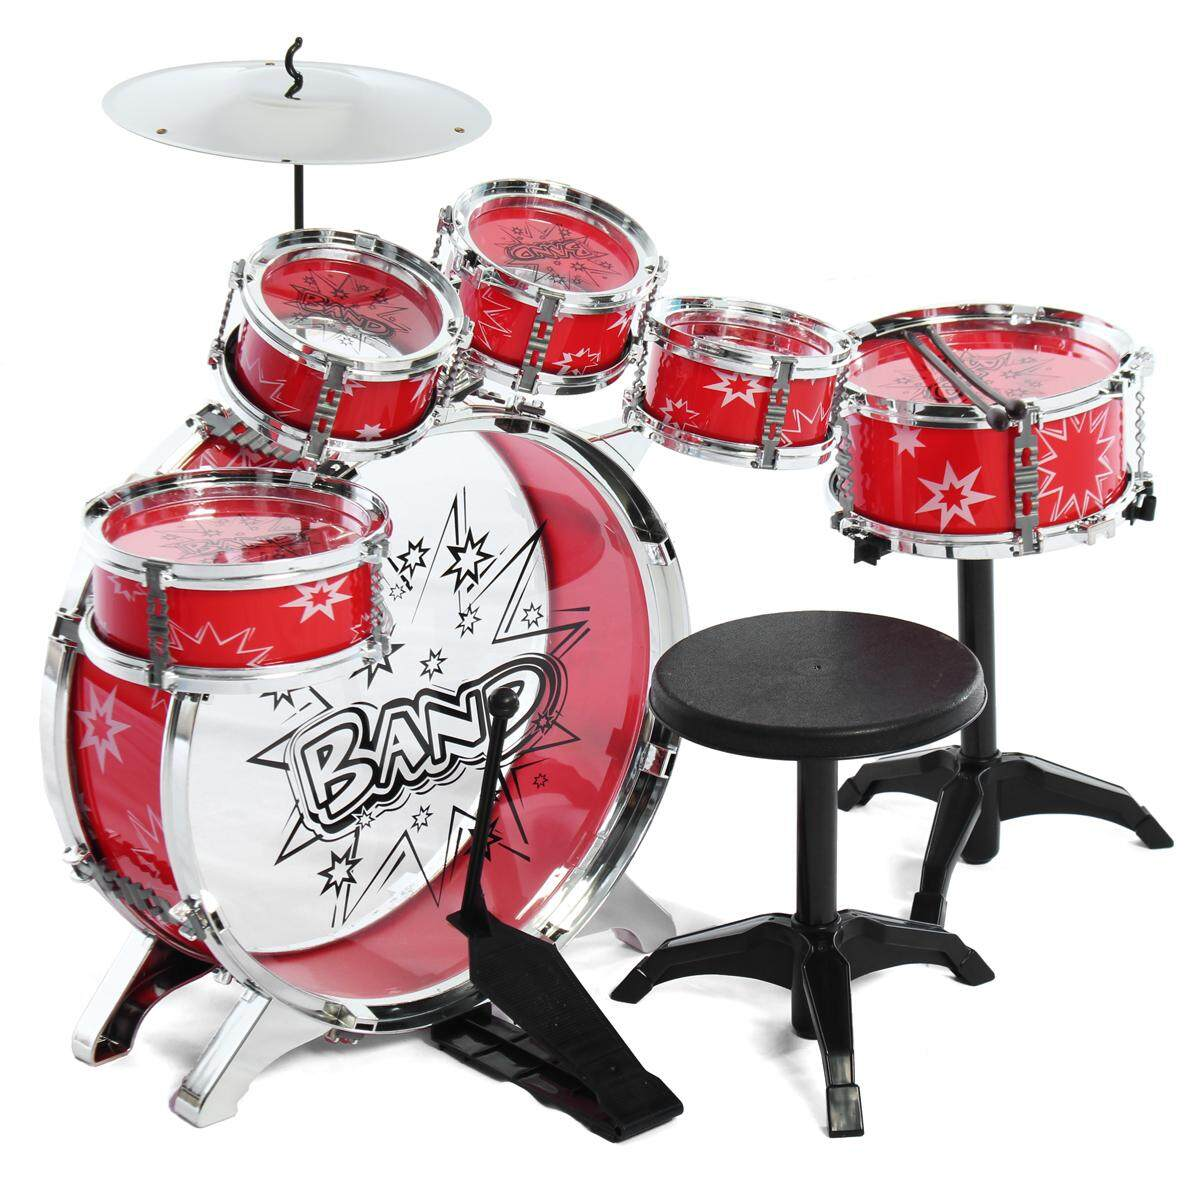 Trẻ Em Trẻ Em Bộ Trống Trống Bộ Trống Bộ Gõ Nhạc Cụ Với Dùi Trống Cymbal Phân Có Thể Điều Chỉnh